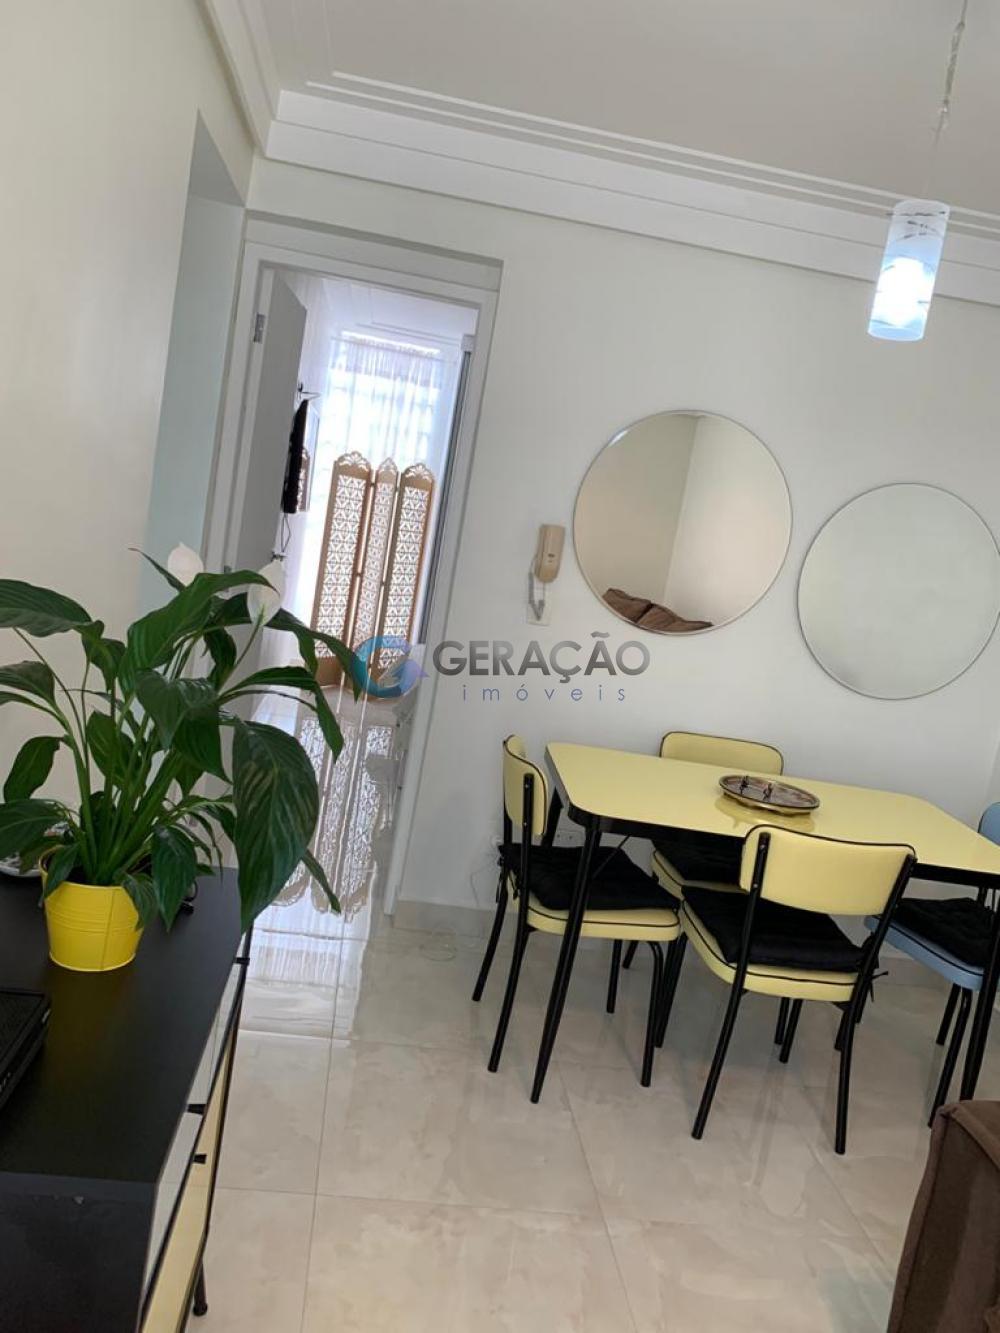 Alugar Apartamento / Padrão em São José dos Campos apenas R$ 1.150,00 - Foto 2